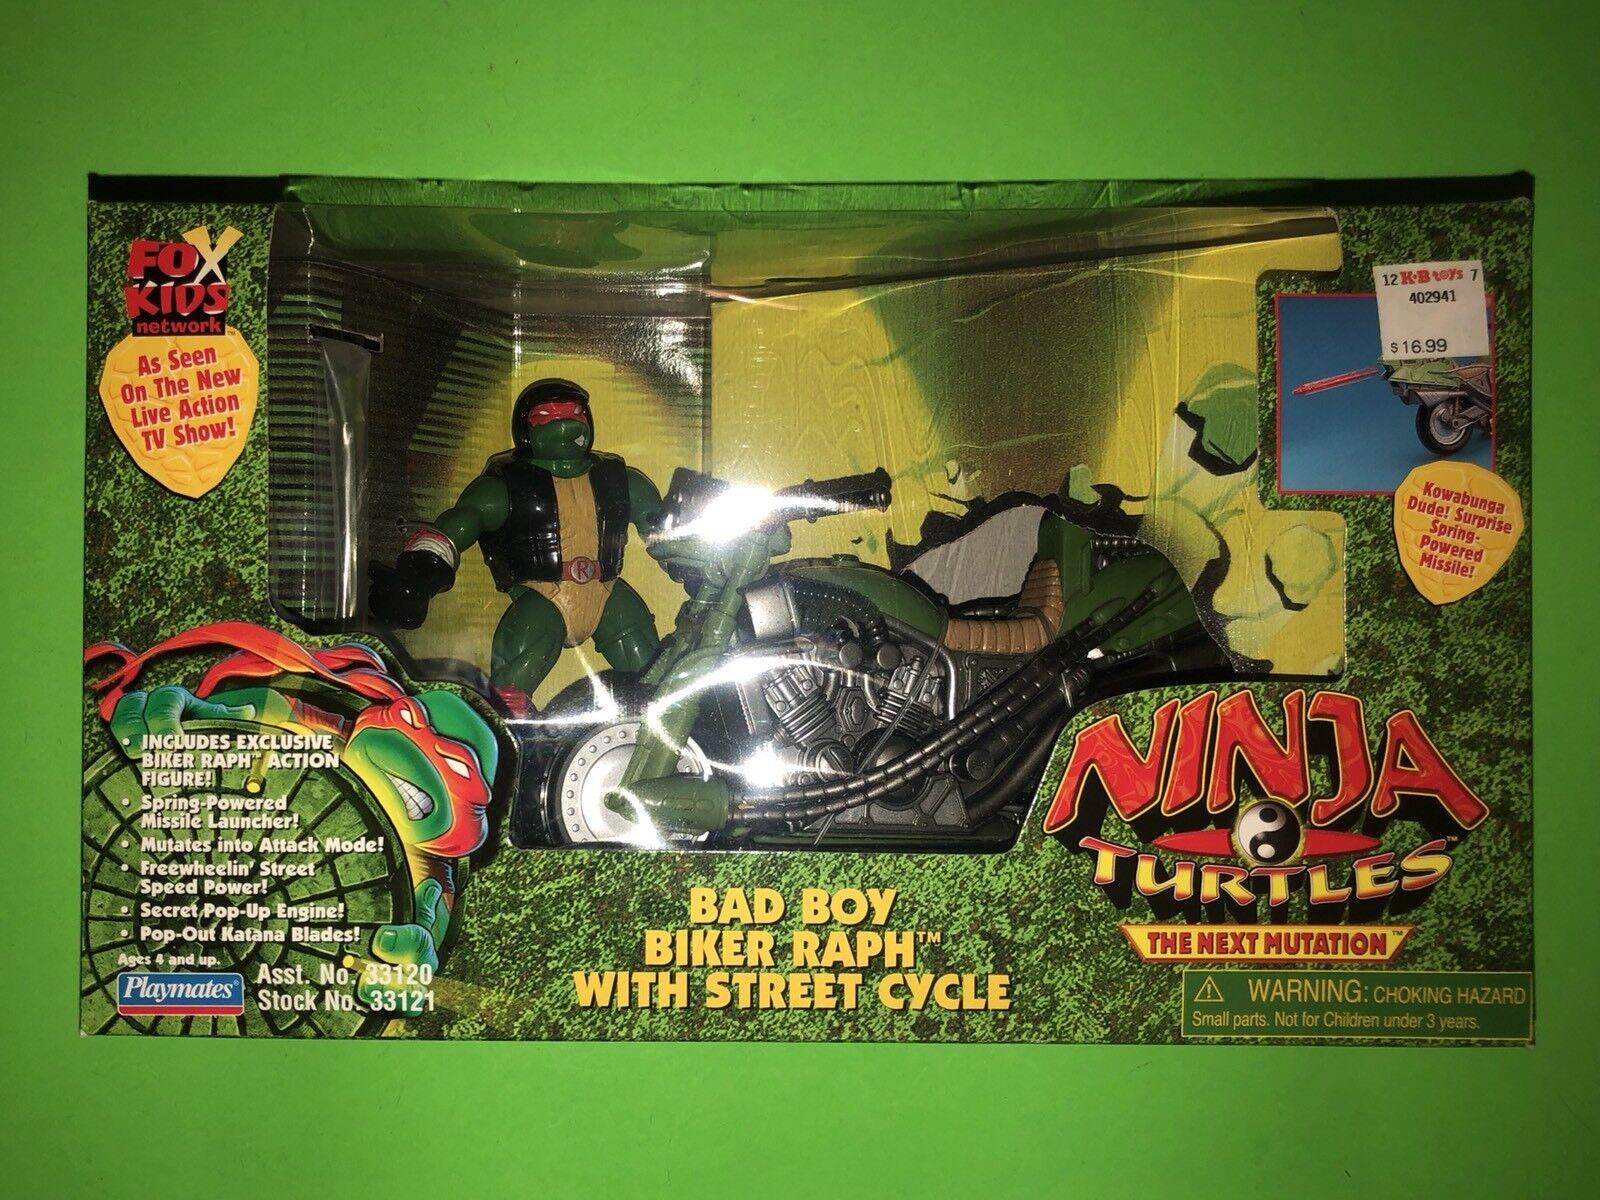 ahorra hasta un 30-50% de descuento Teenage Mutant Ninja Turtles TEENAGE MUTANT NINJA TURTLES mutación Bad Bad Bad Boy Biker Raph siguiente ciclo de calle   ahorrar en el despacho